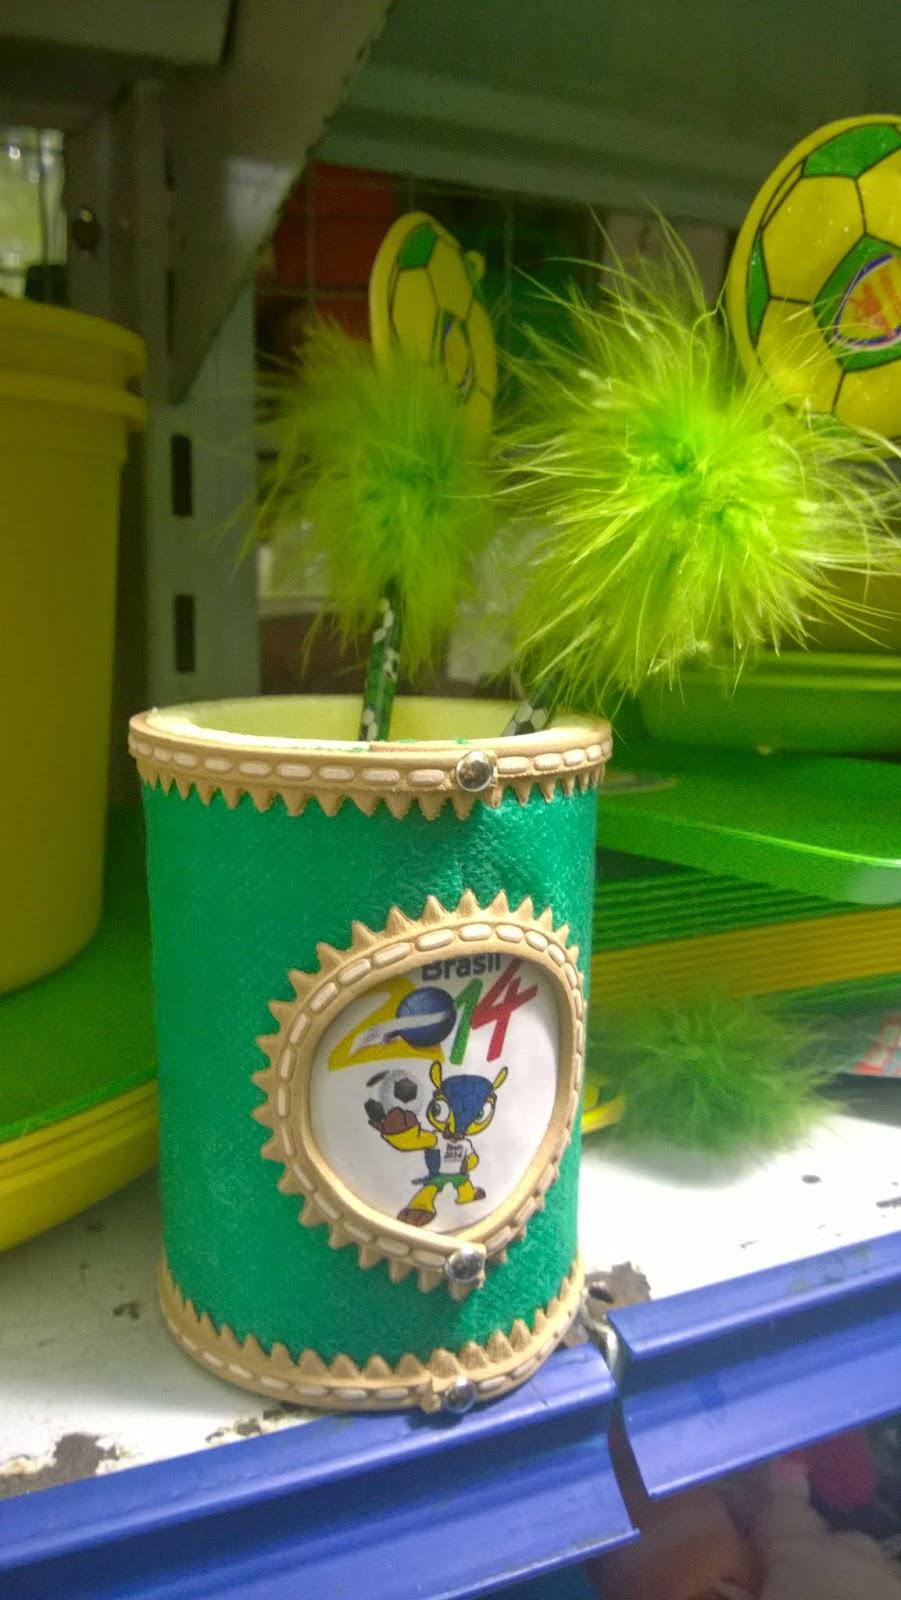 recipiente para manter a temperatura da bebida com imagem do mascote da Copa - Fuleco - nas lojinhas de 1,99